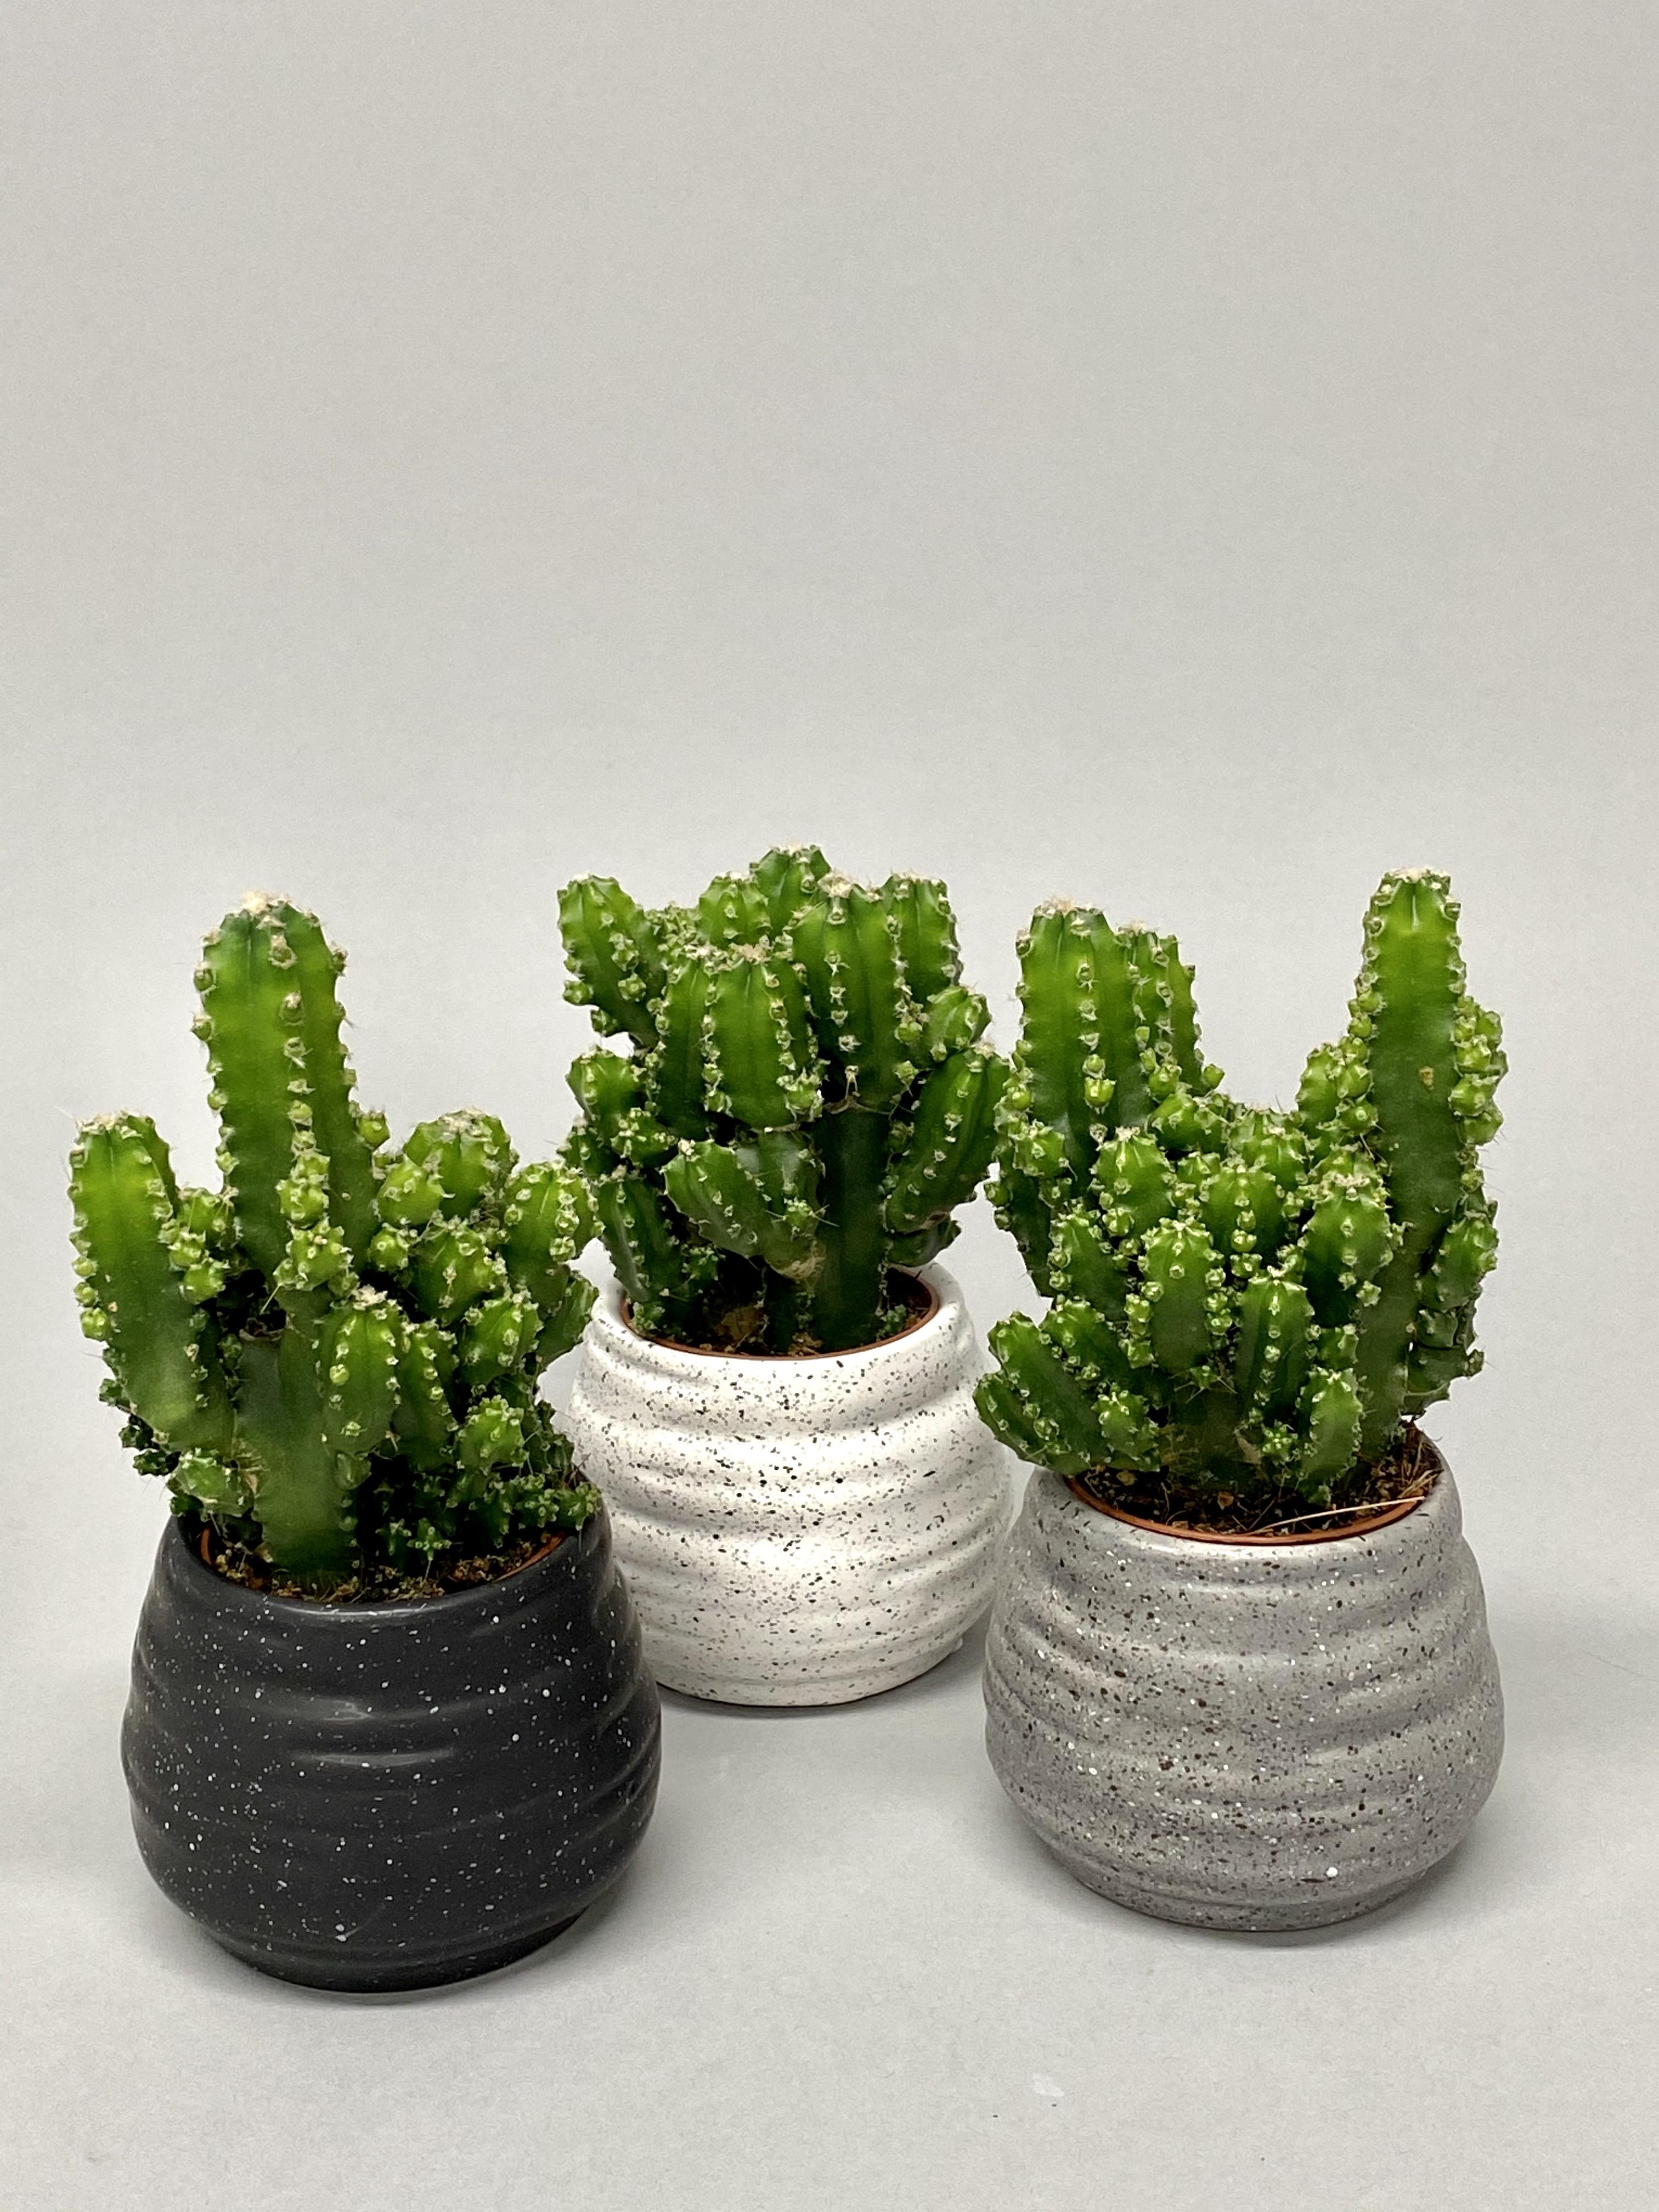 8cm Diameter 'Fairy Castle' Cactus